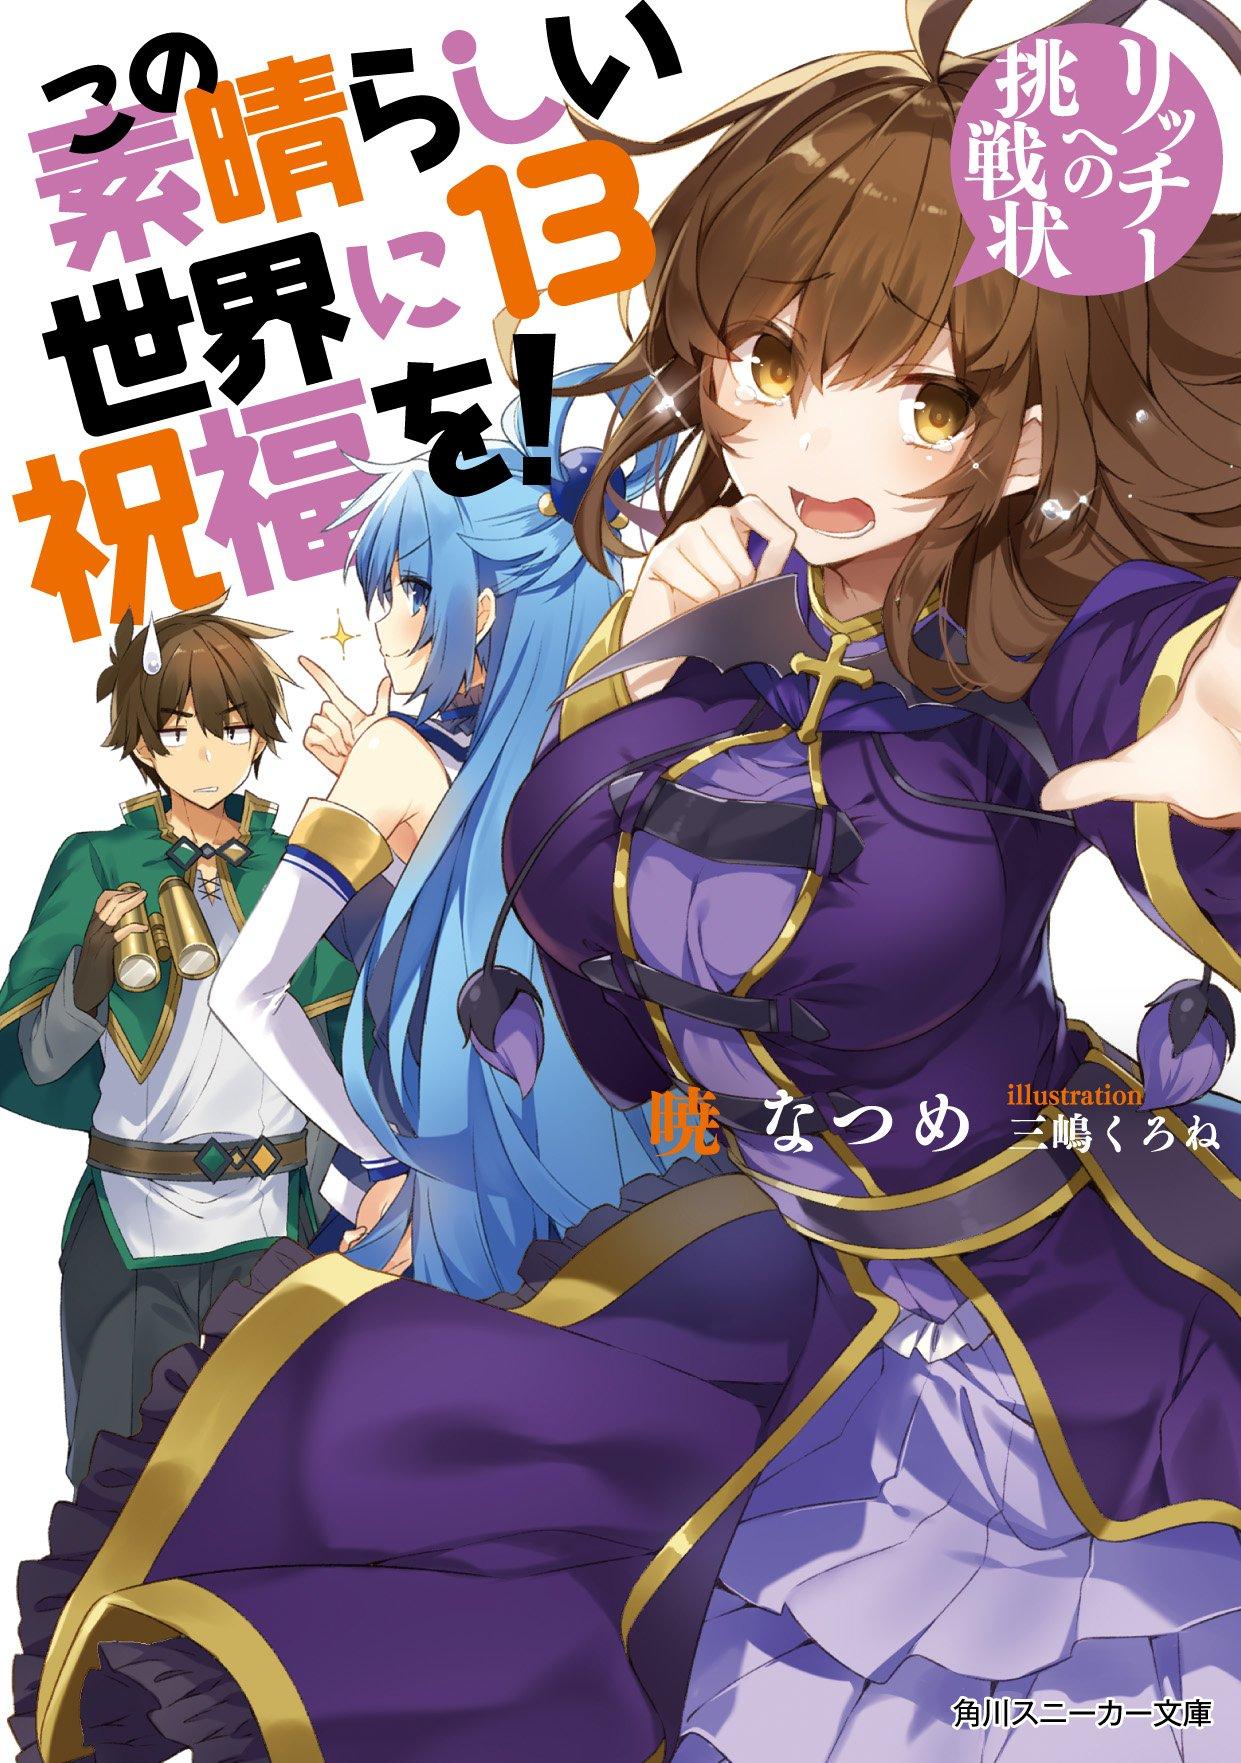 Darmowe gry symulacyjne randkowe anime online